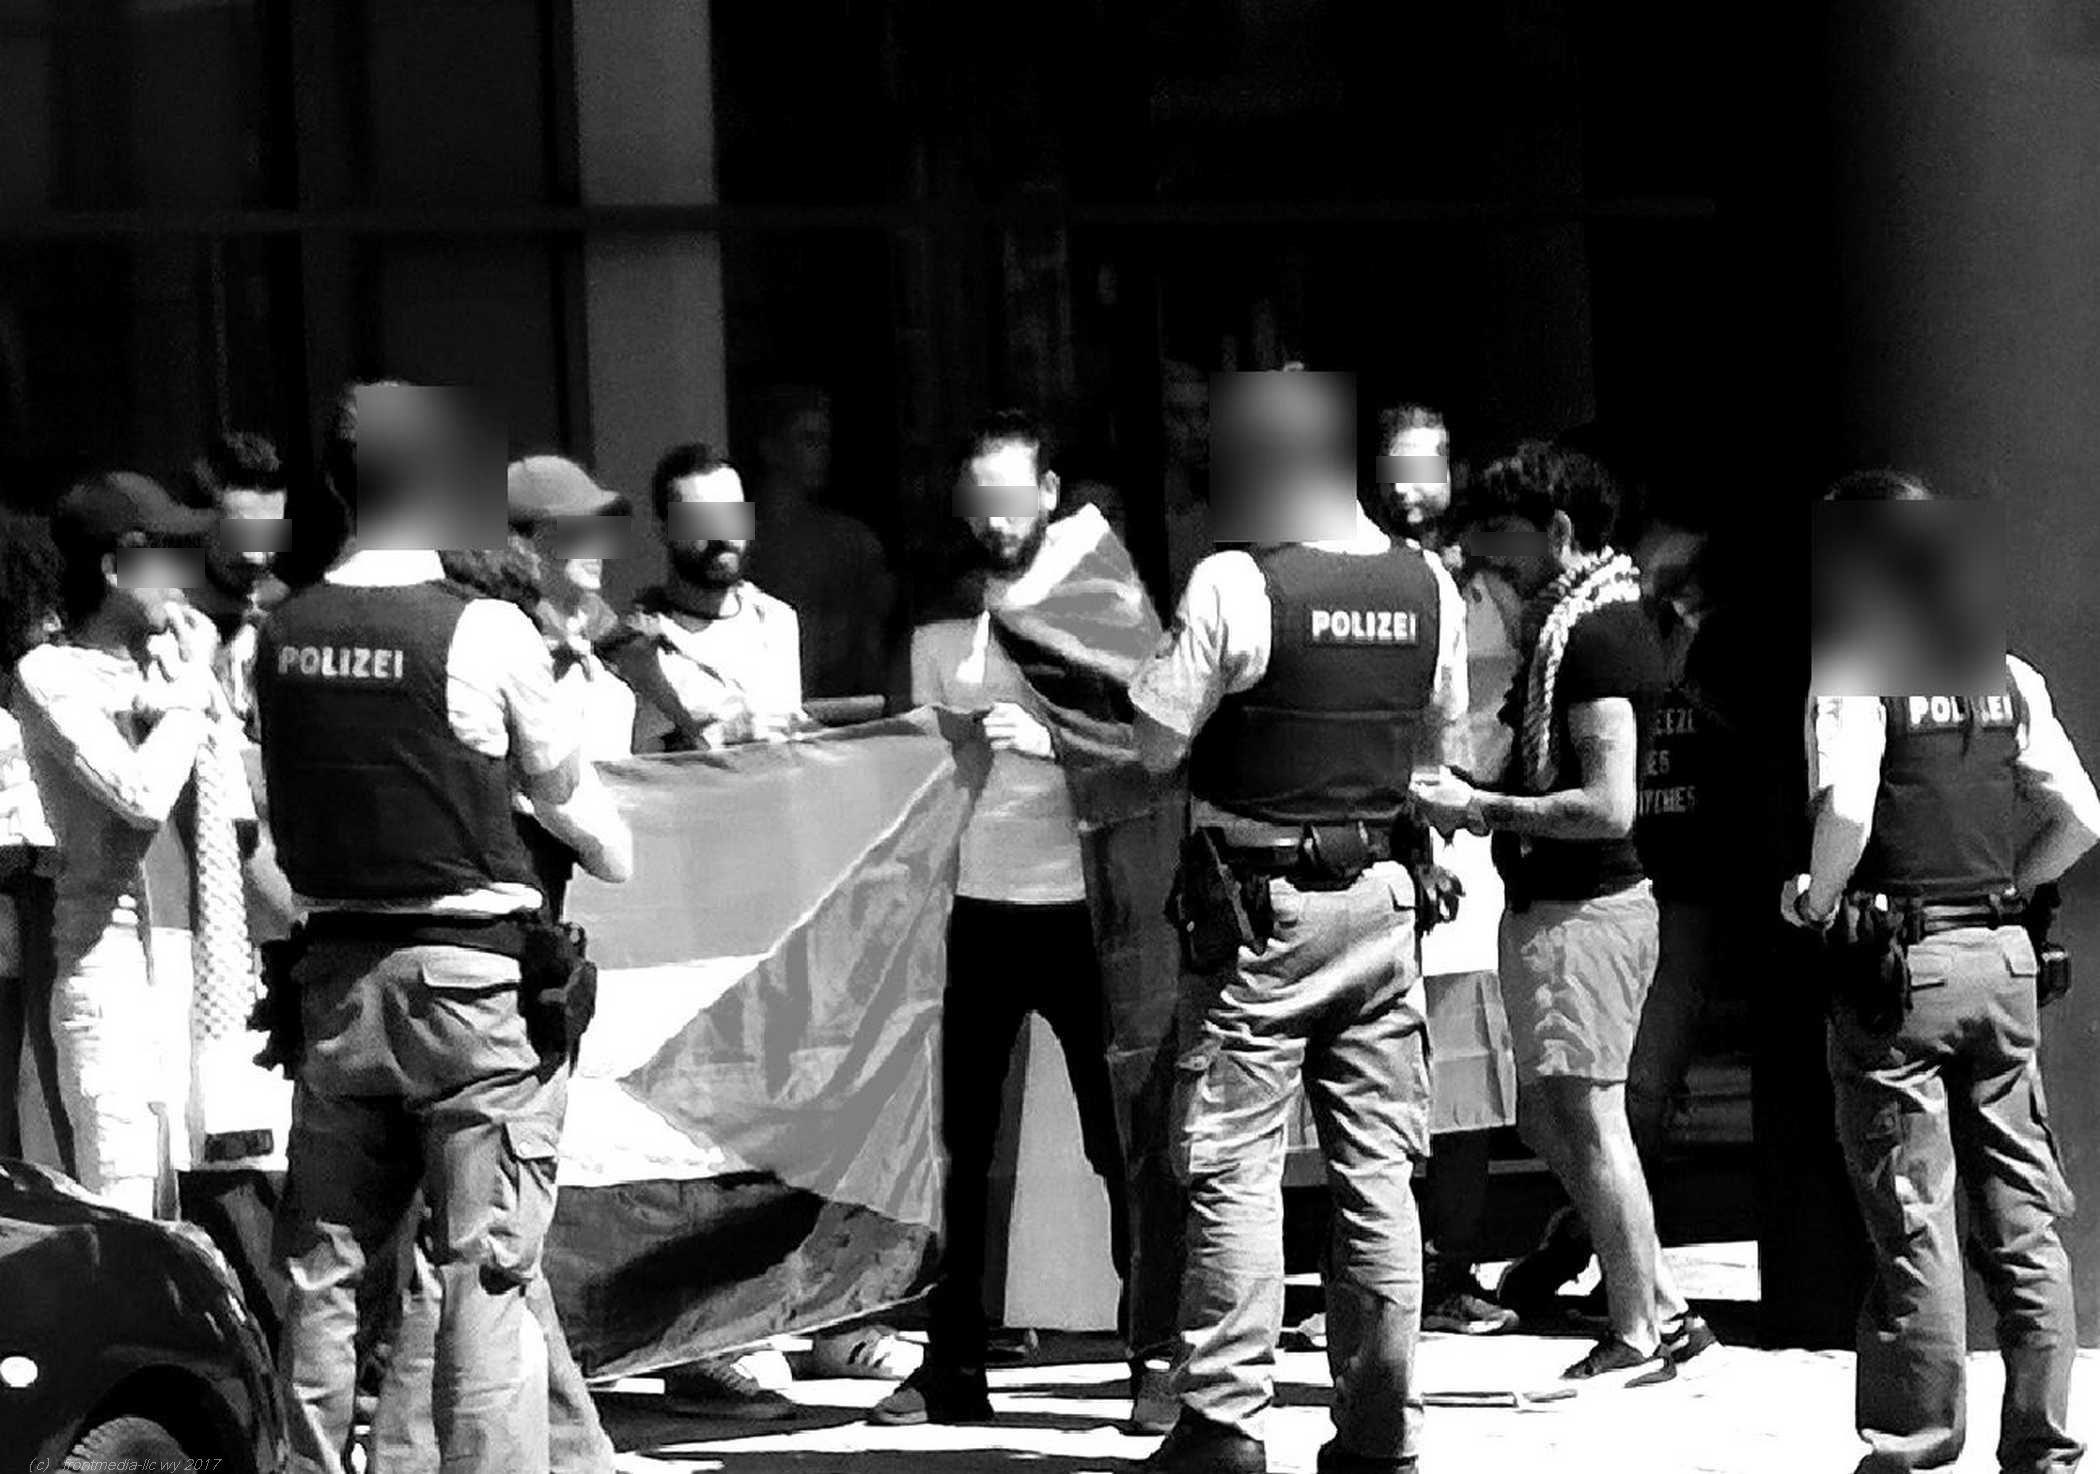 Provokation und Krawall, ohne zu wissen, wie herum man die Palästinaflagge überhaupt hält!